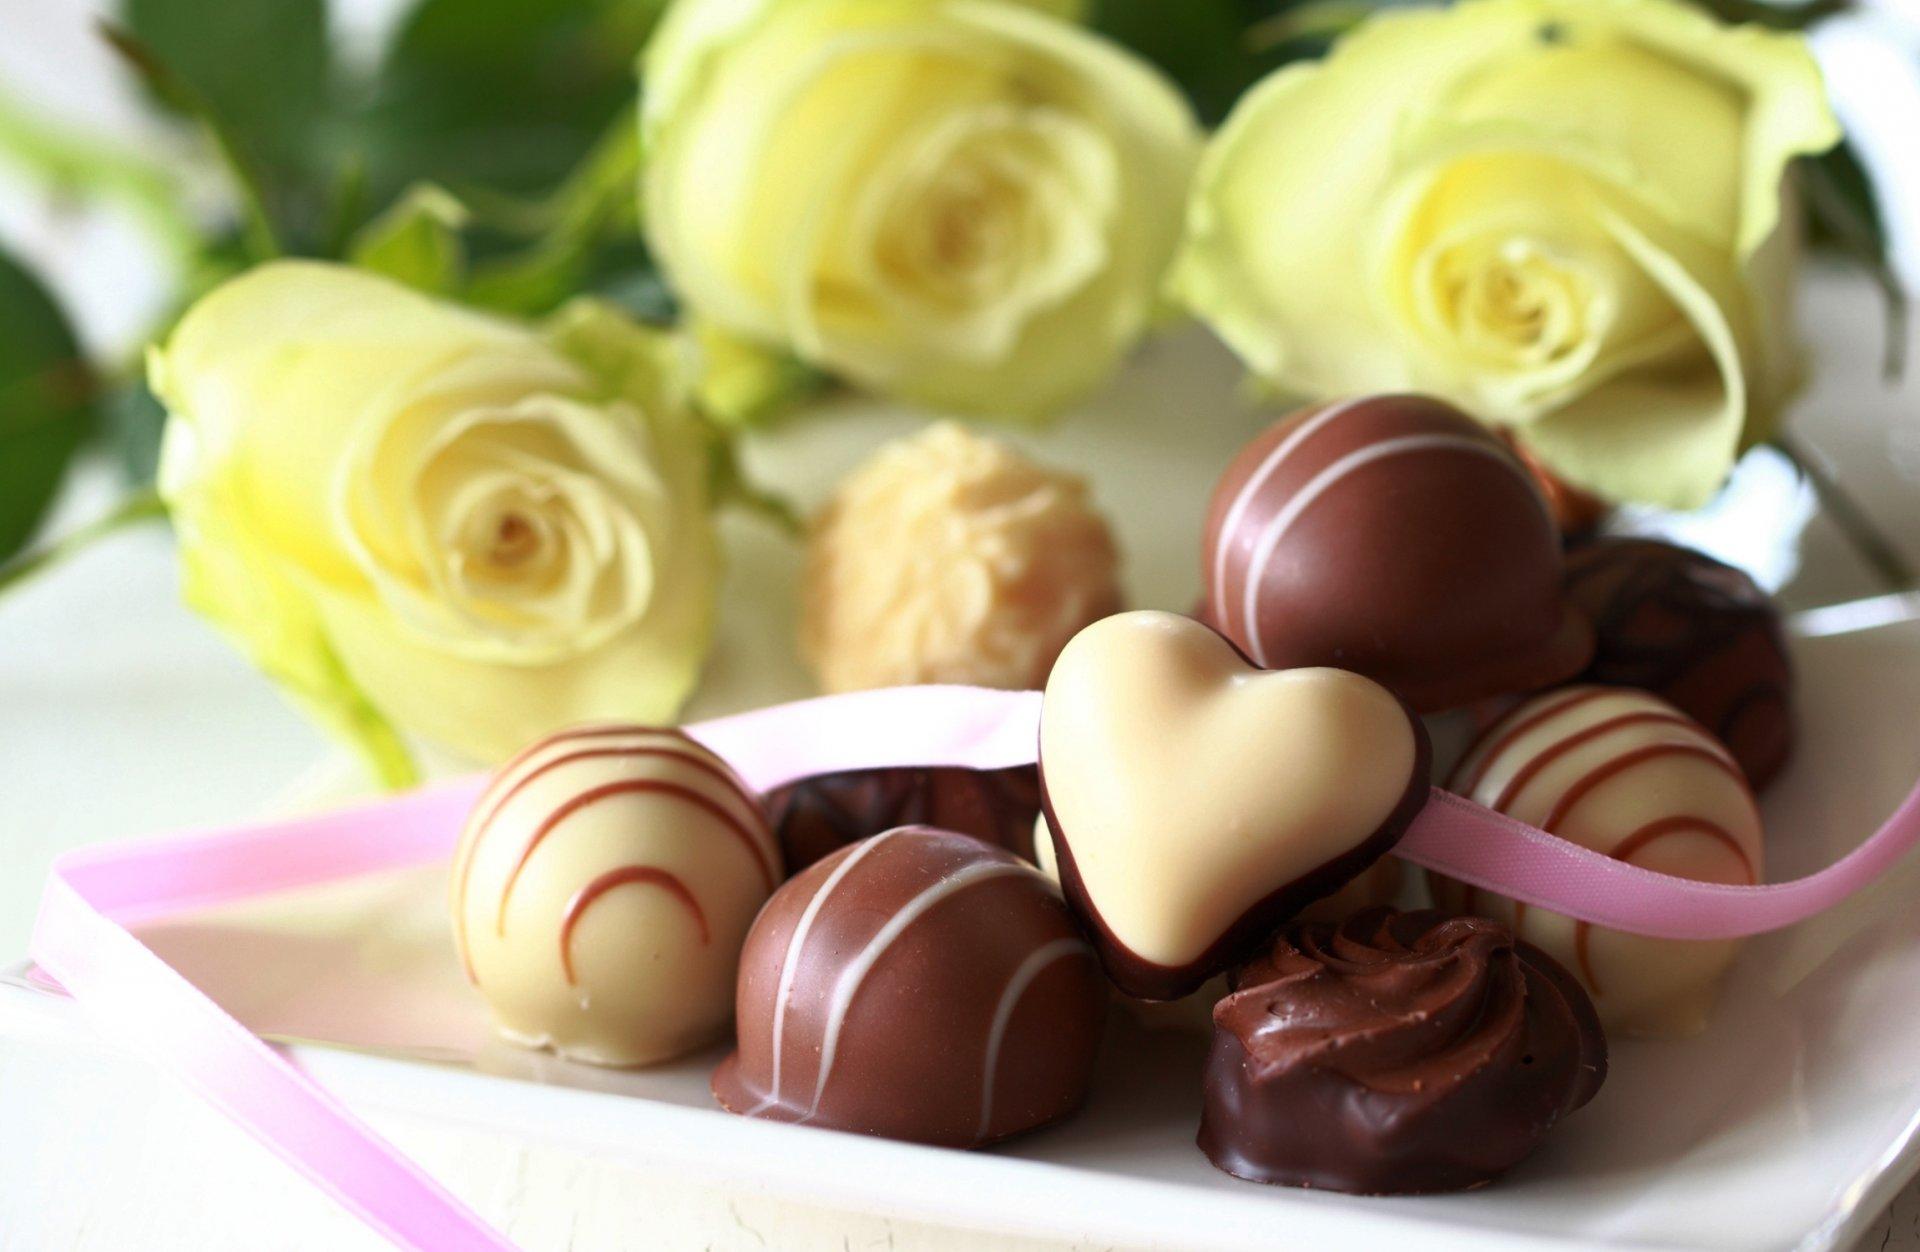 Цветы и конфеты картинки, яндекс